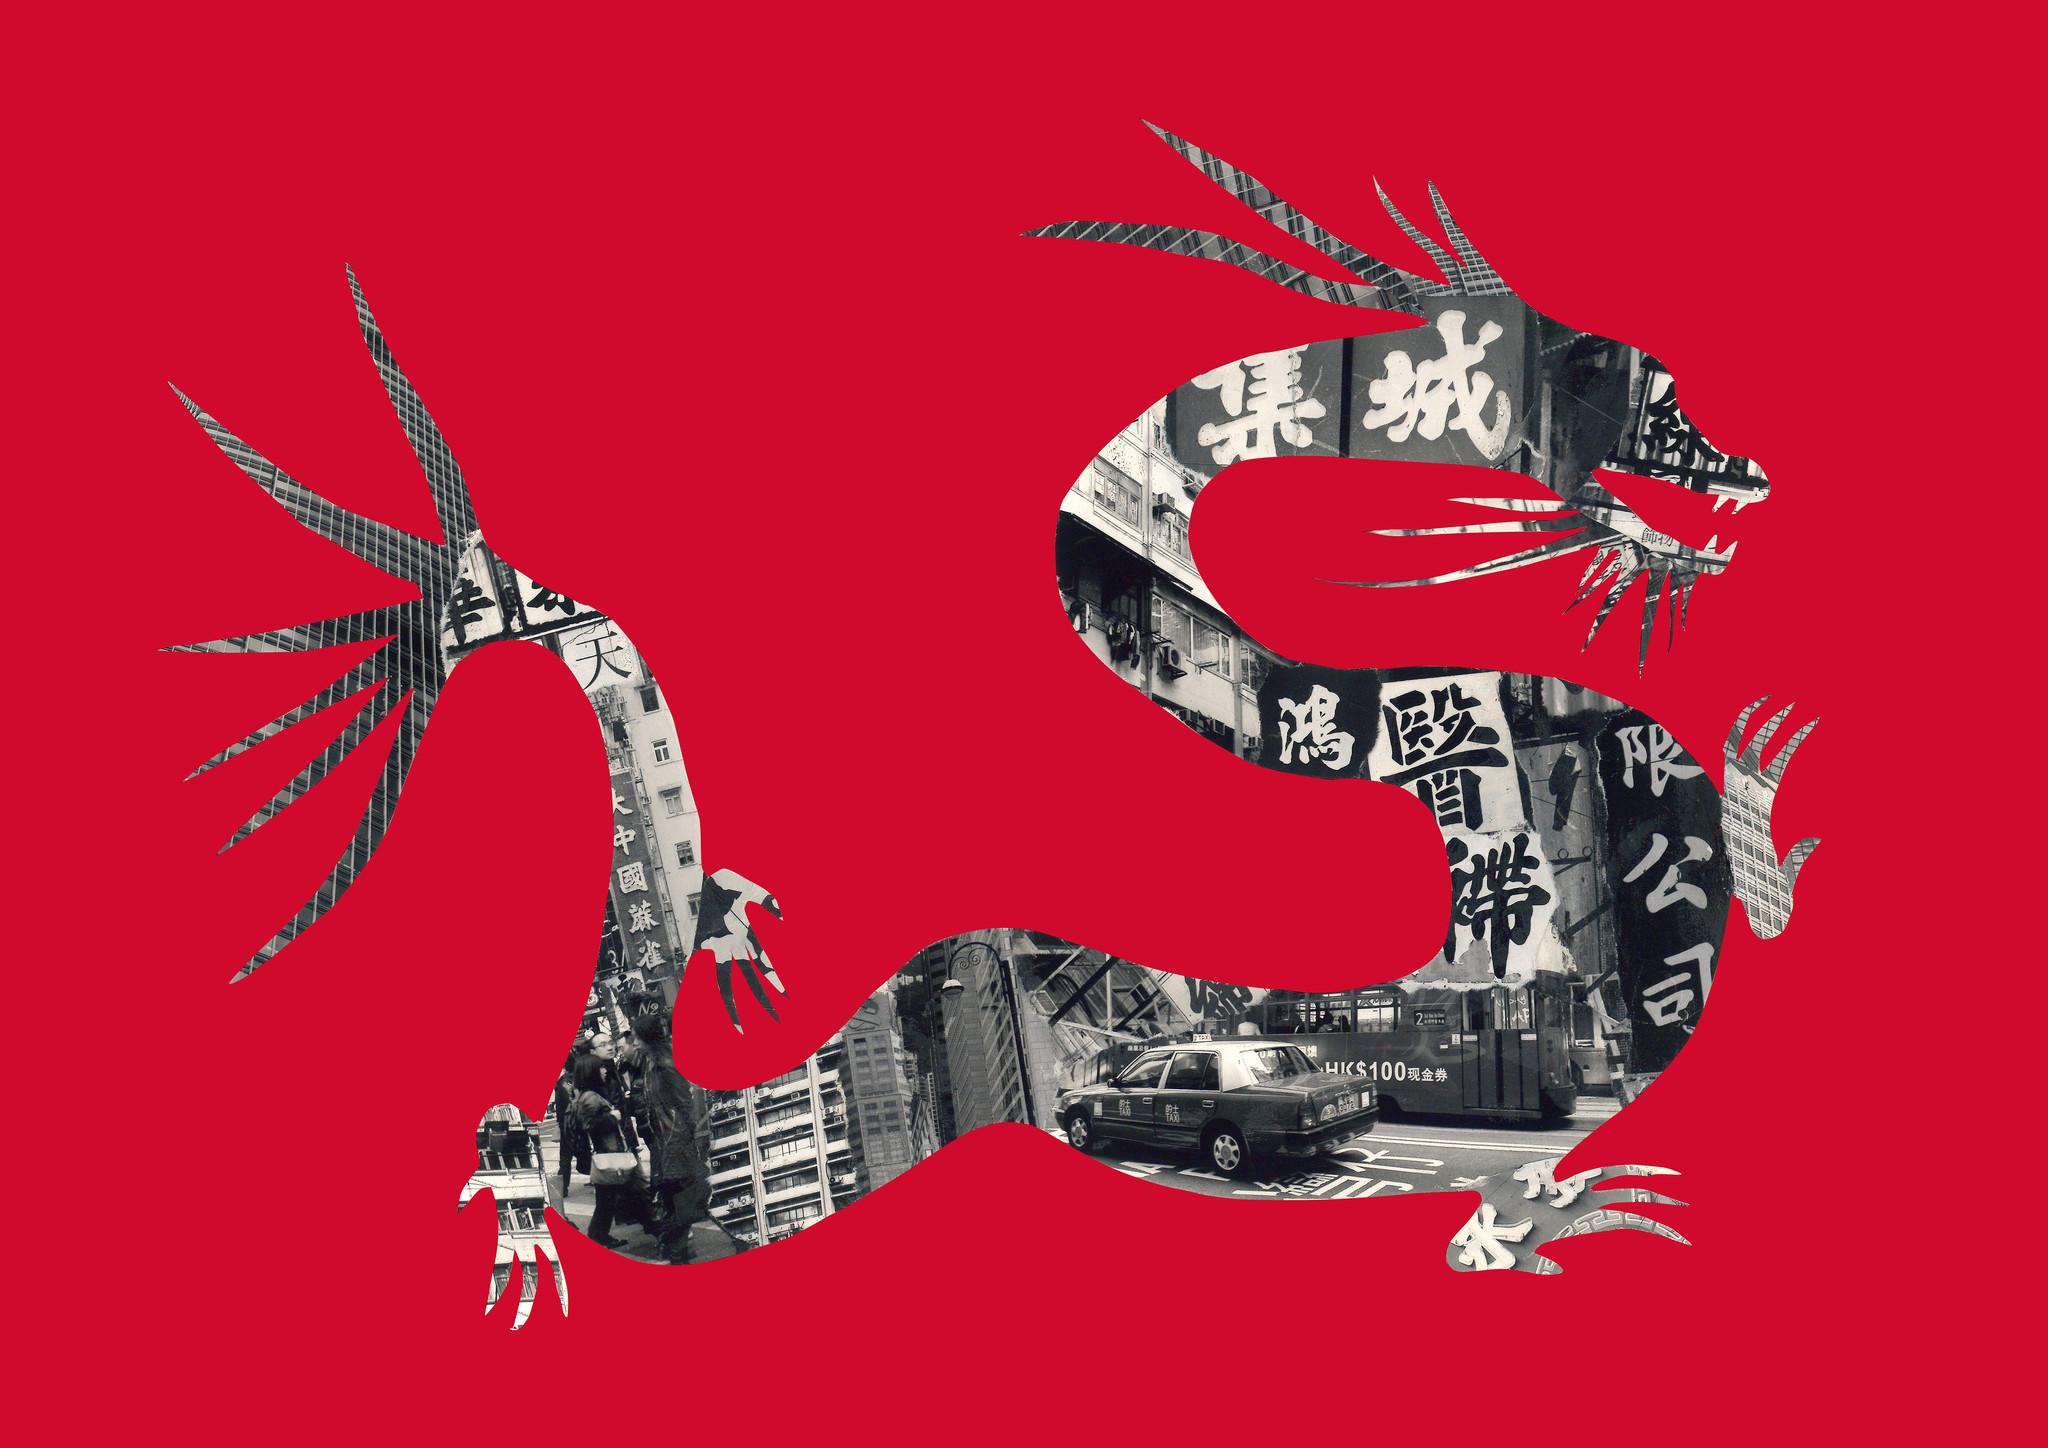 Hong Kong Dragon